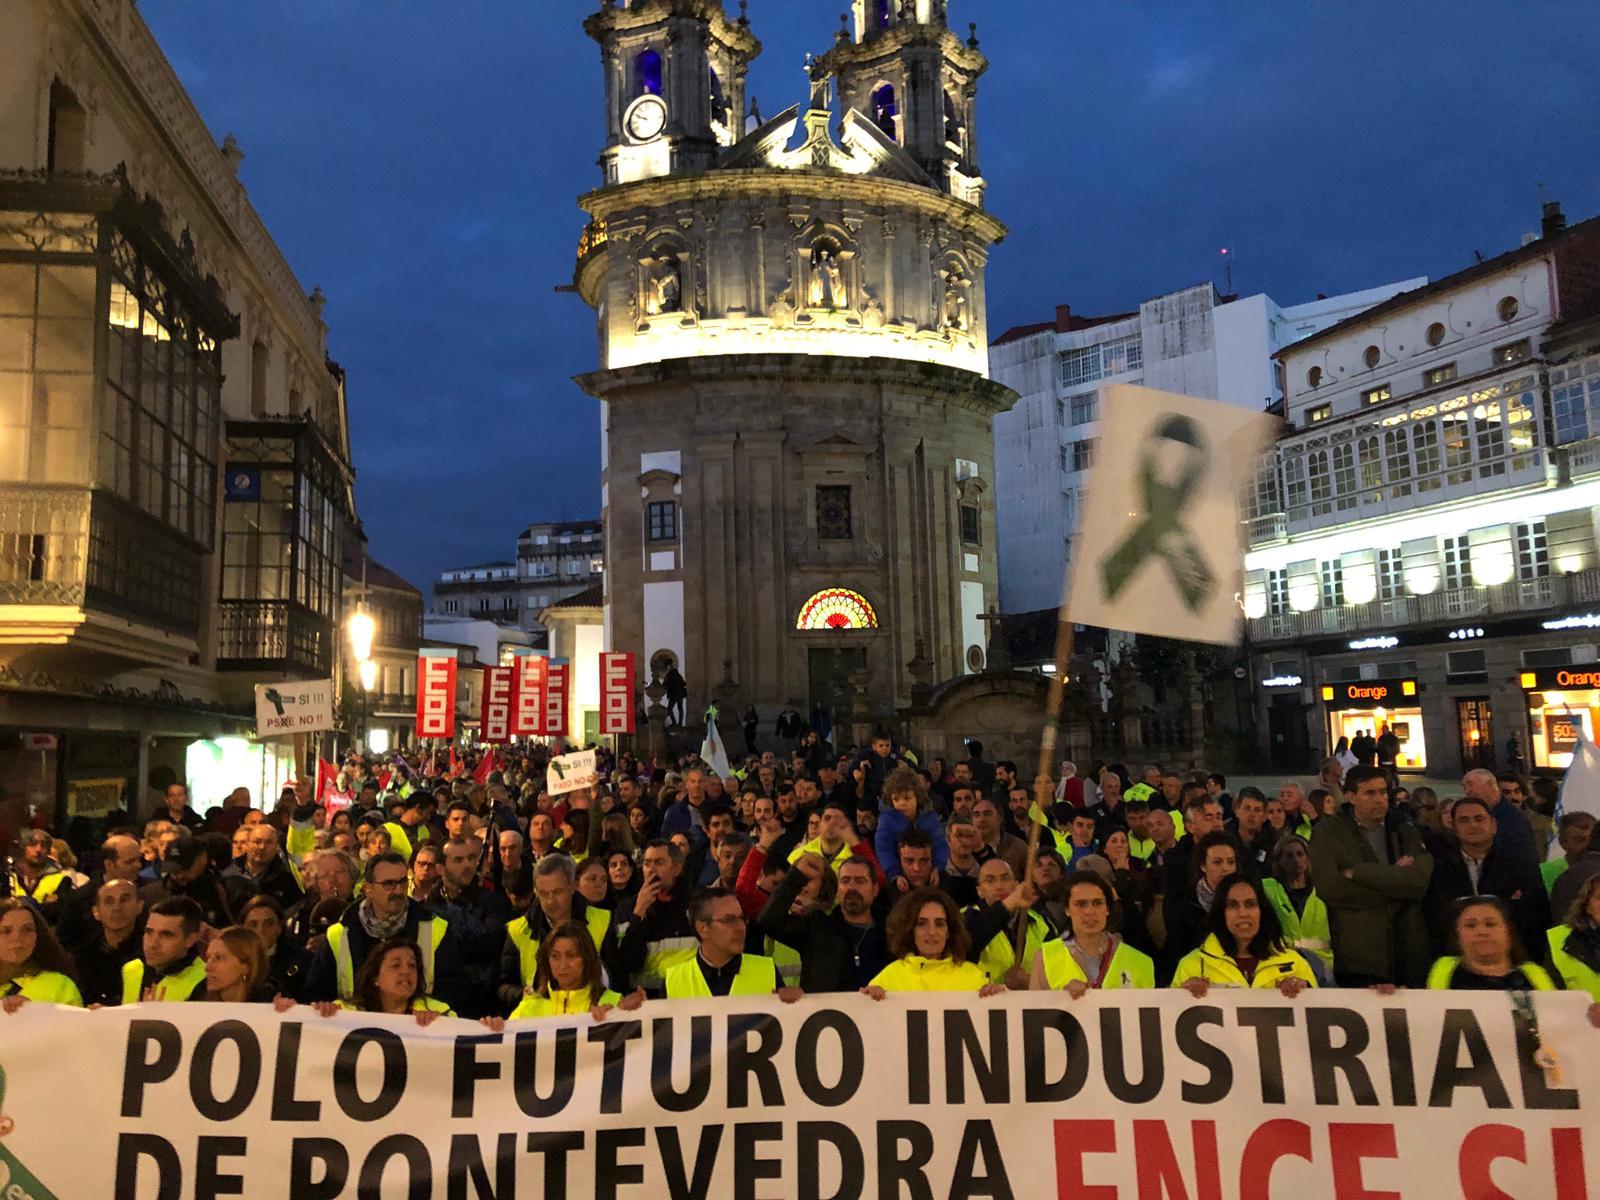 Multitudinaria manifestación en defensa de la continuidad de Ence-Pontevedra